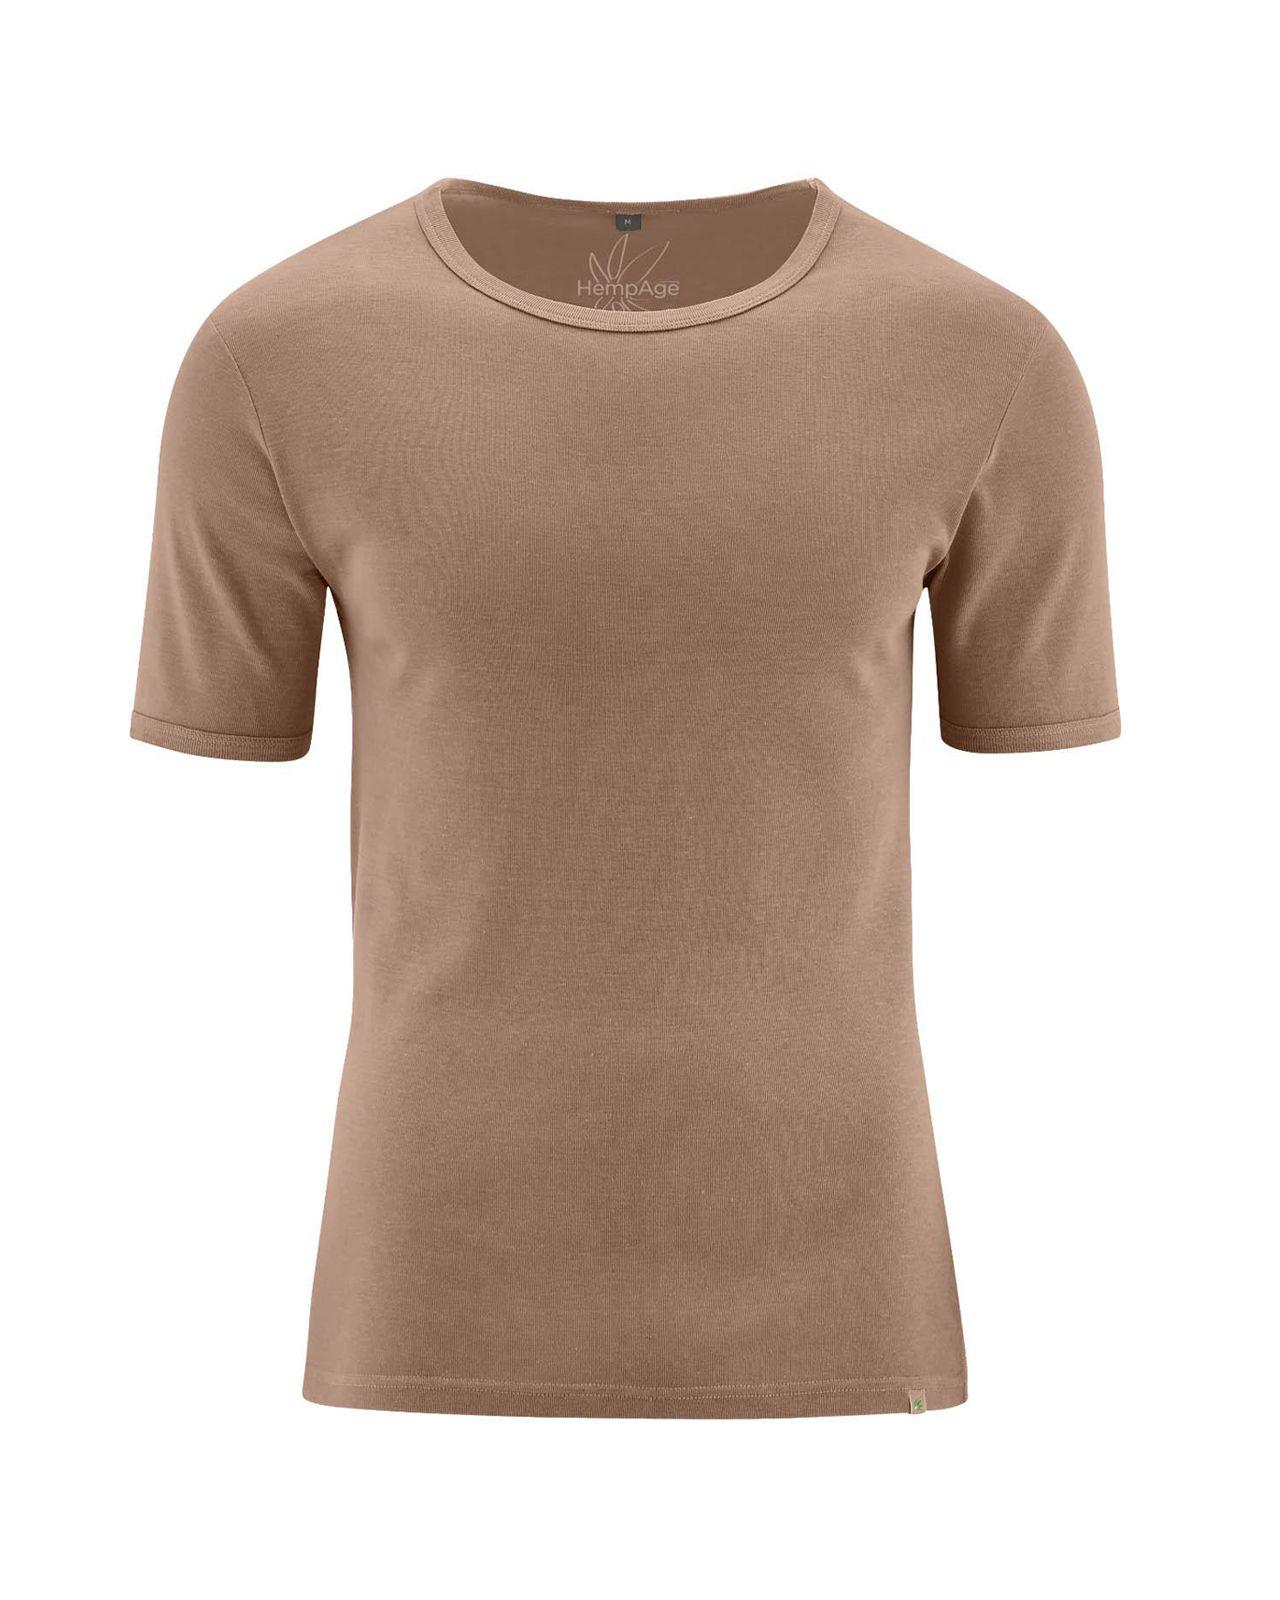 b136c6bc Camiseta manga corta hombre. Camiseta de vestir natural - Fieito